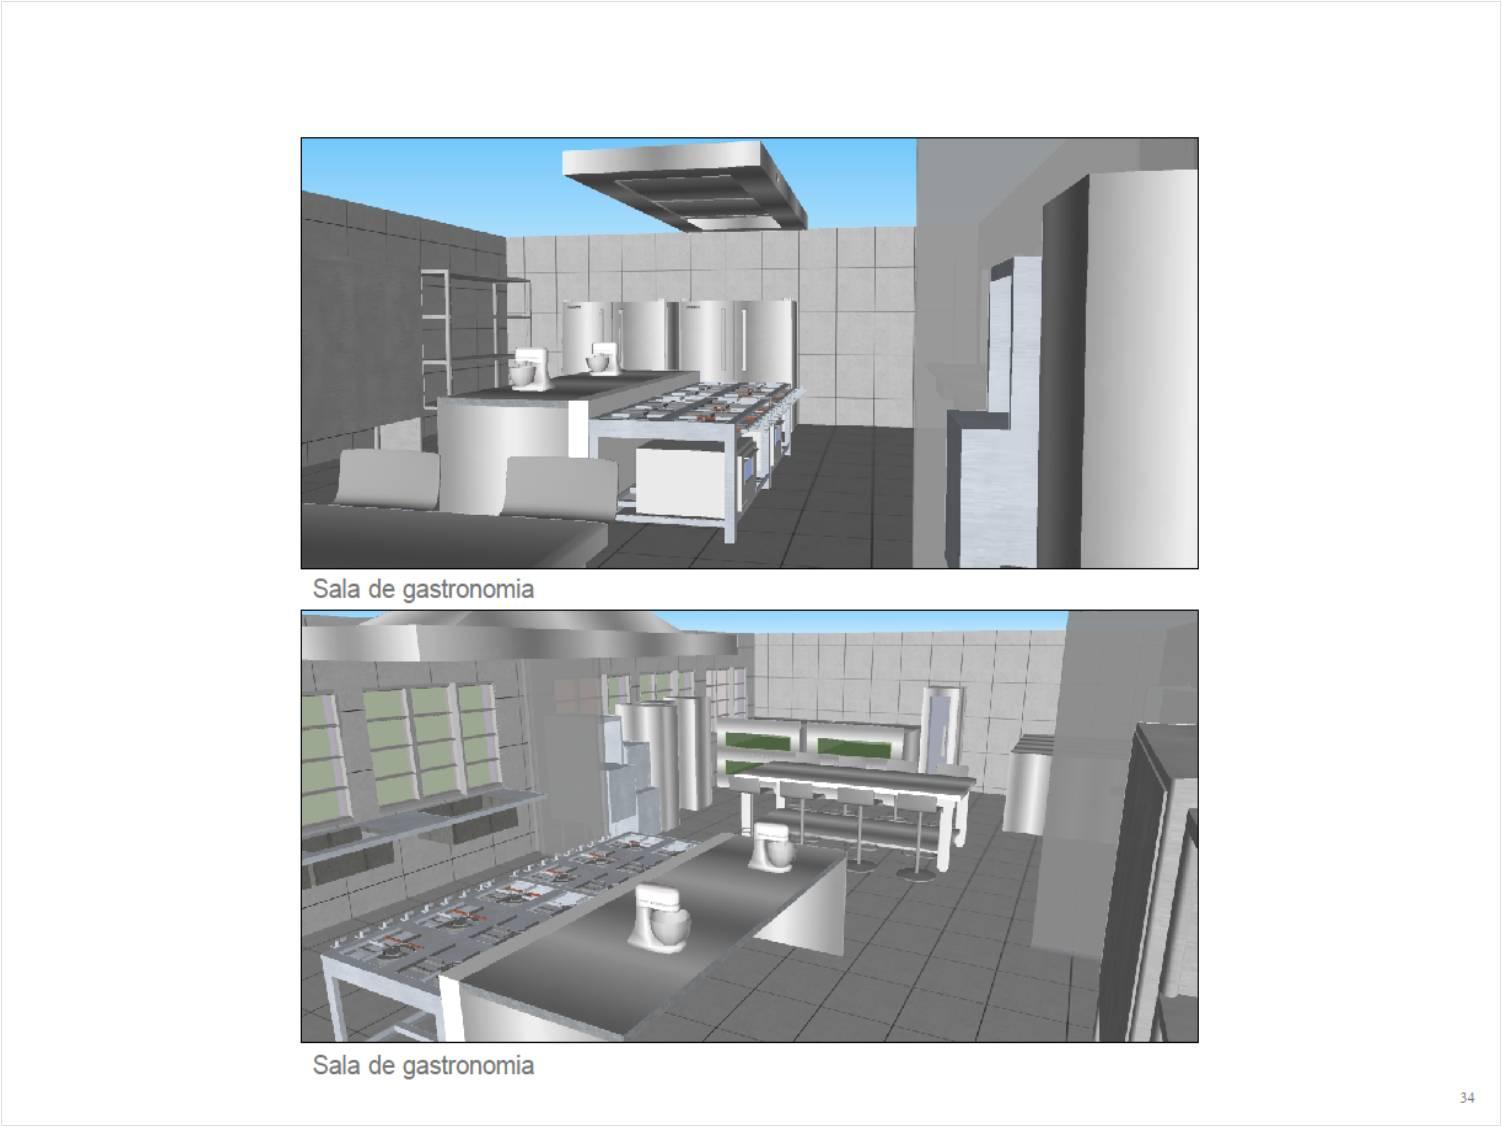 Arquivo da tag: cozinha industrial #167AB5 1502 1127